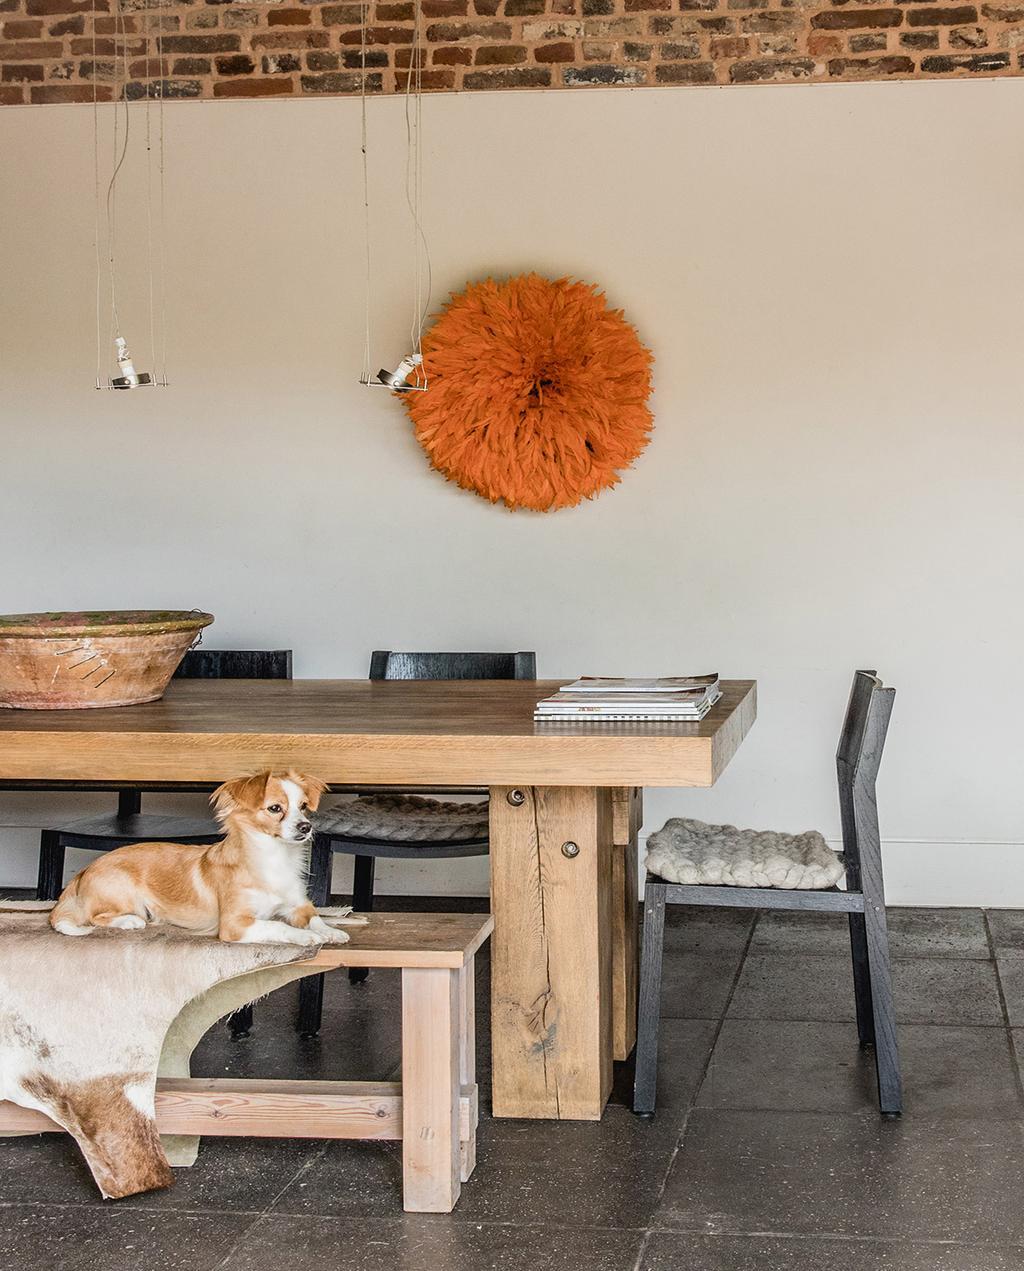 vtwonen 05-2021 | houten eettafel in landelijk huis met hond op de eetkamerbank